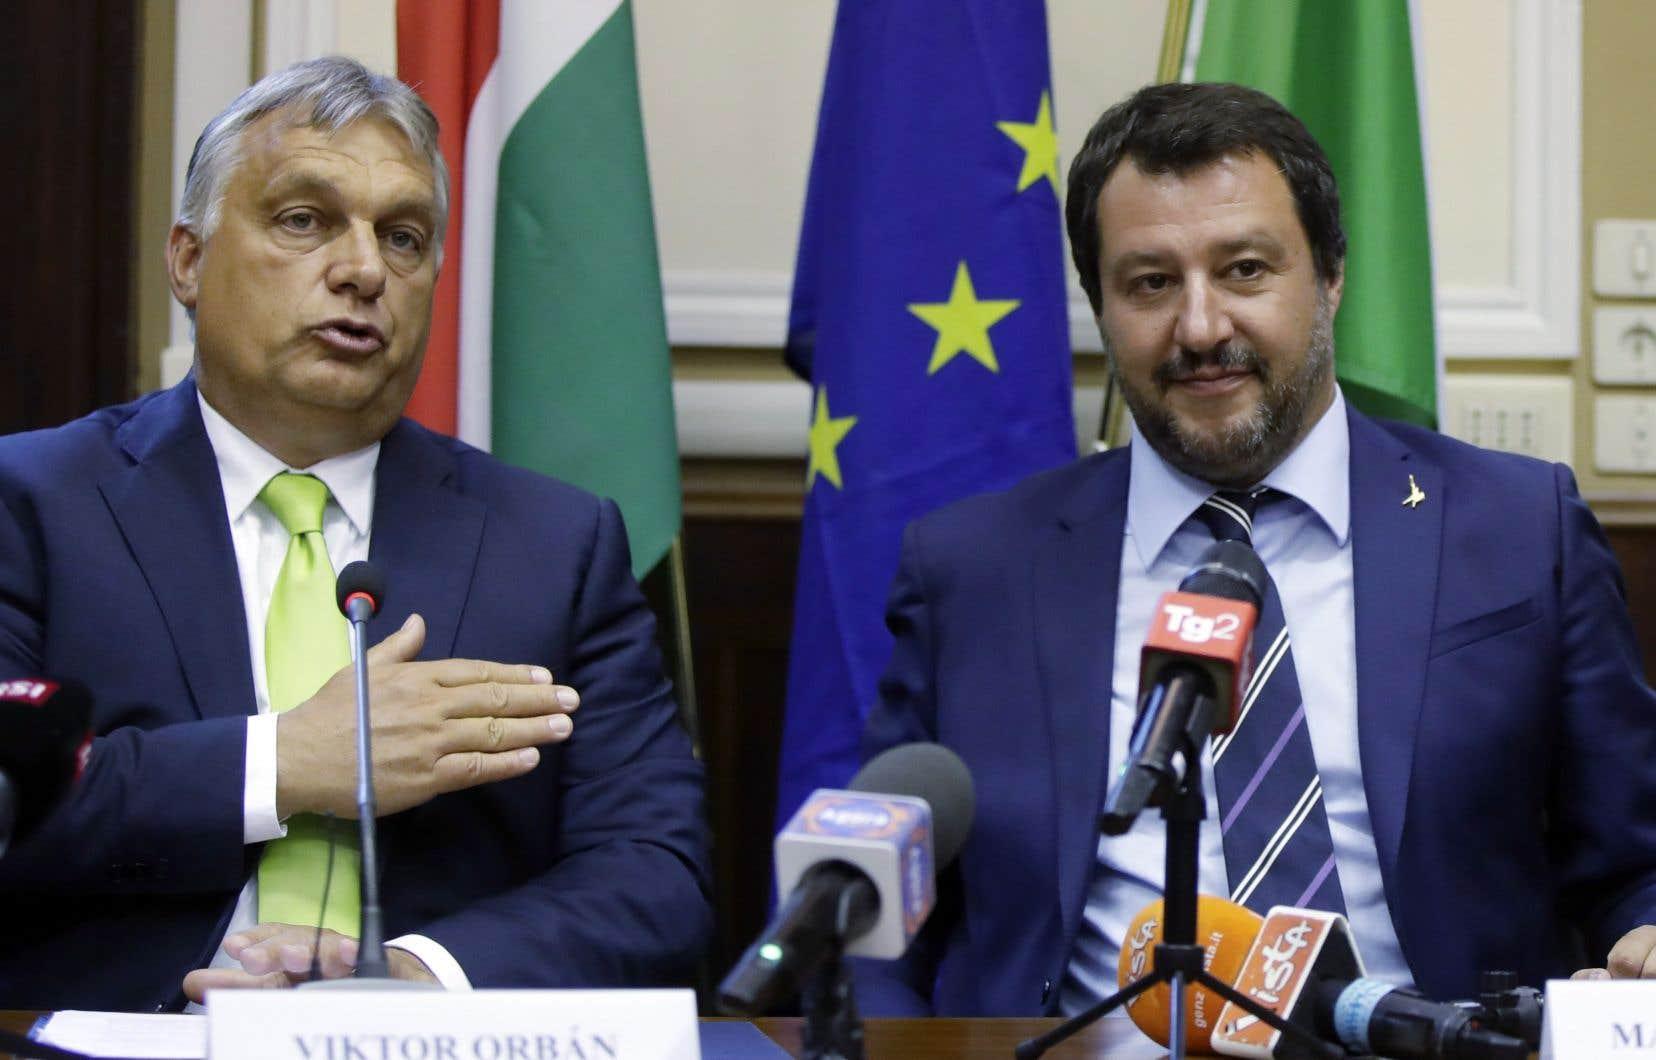 Emmanuel Macron a été clairement pris pour cible mardi par les deux principaux partisans de la ligne dure contre les migrants: Viktor Orbán et Matteo Salvini.